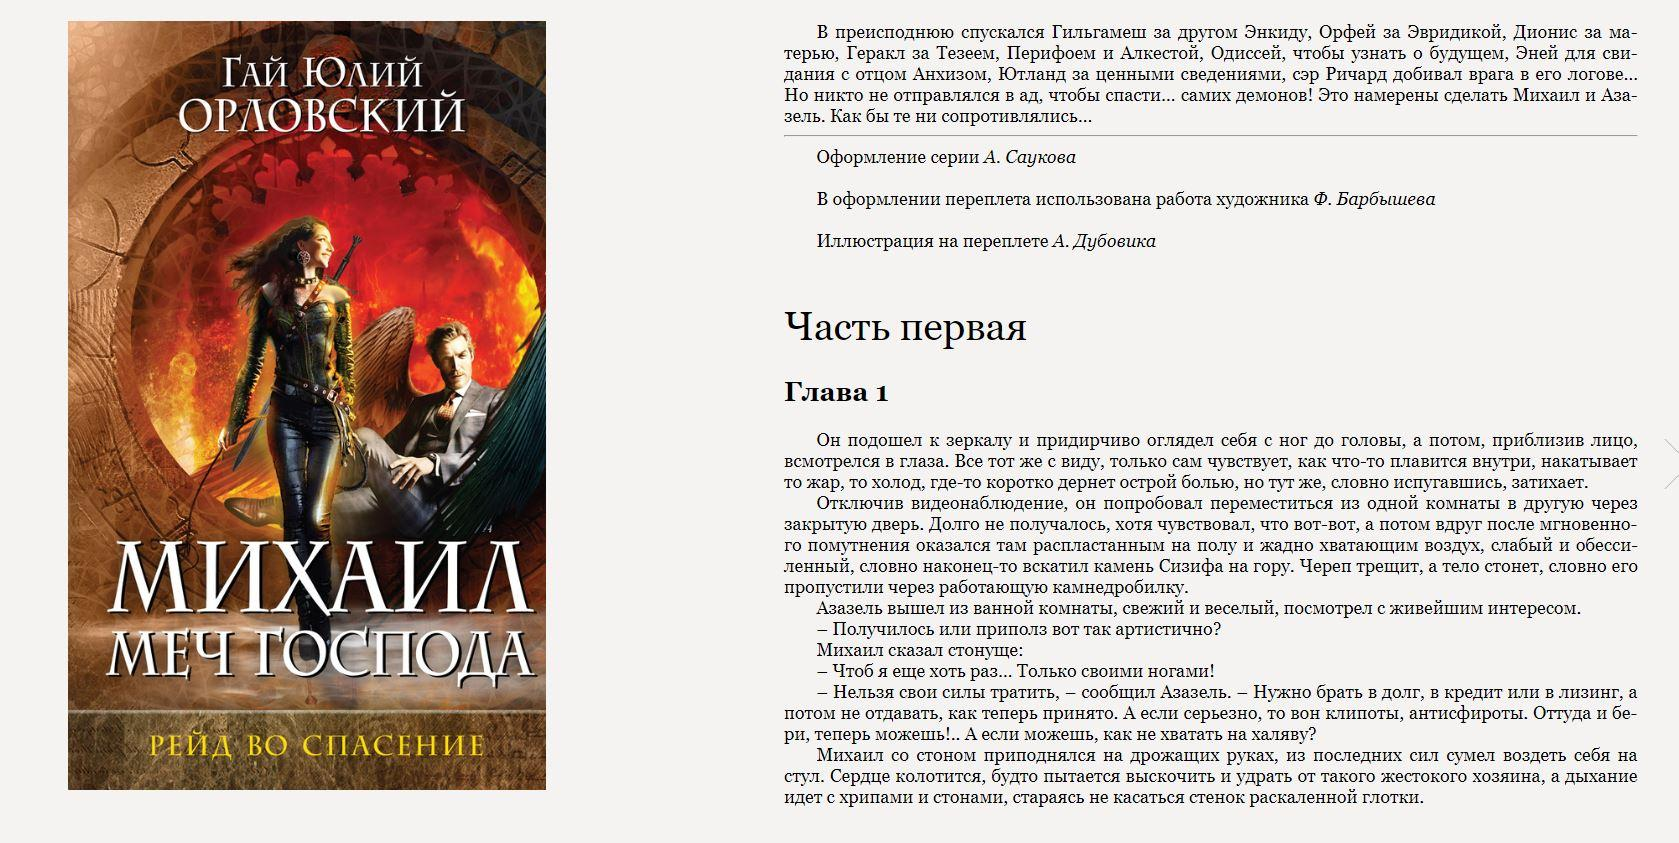 ГАЙ ЮЛИЙ ОРЛОВСКИЙ МИХАИЛ МЕЧ ГОСПОДА СКАЧАТЬ БЕСПЛАТНО